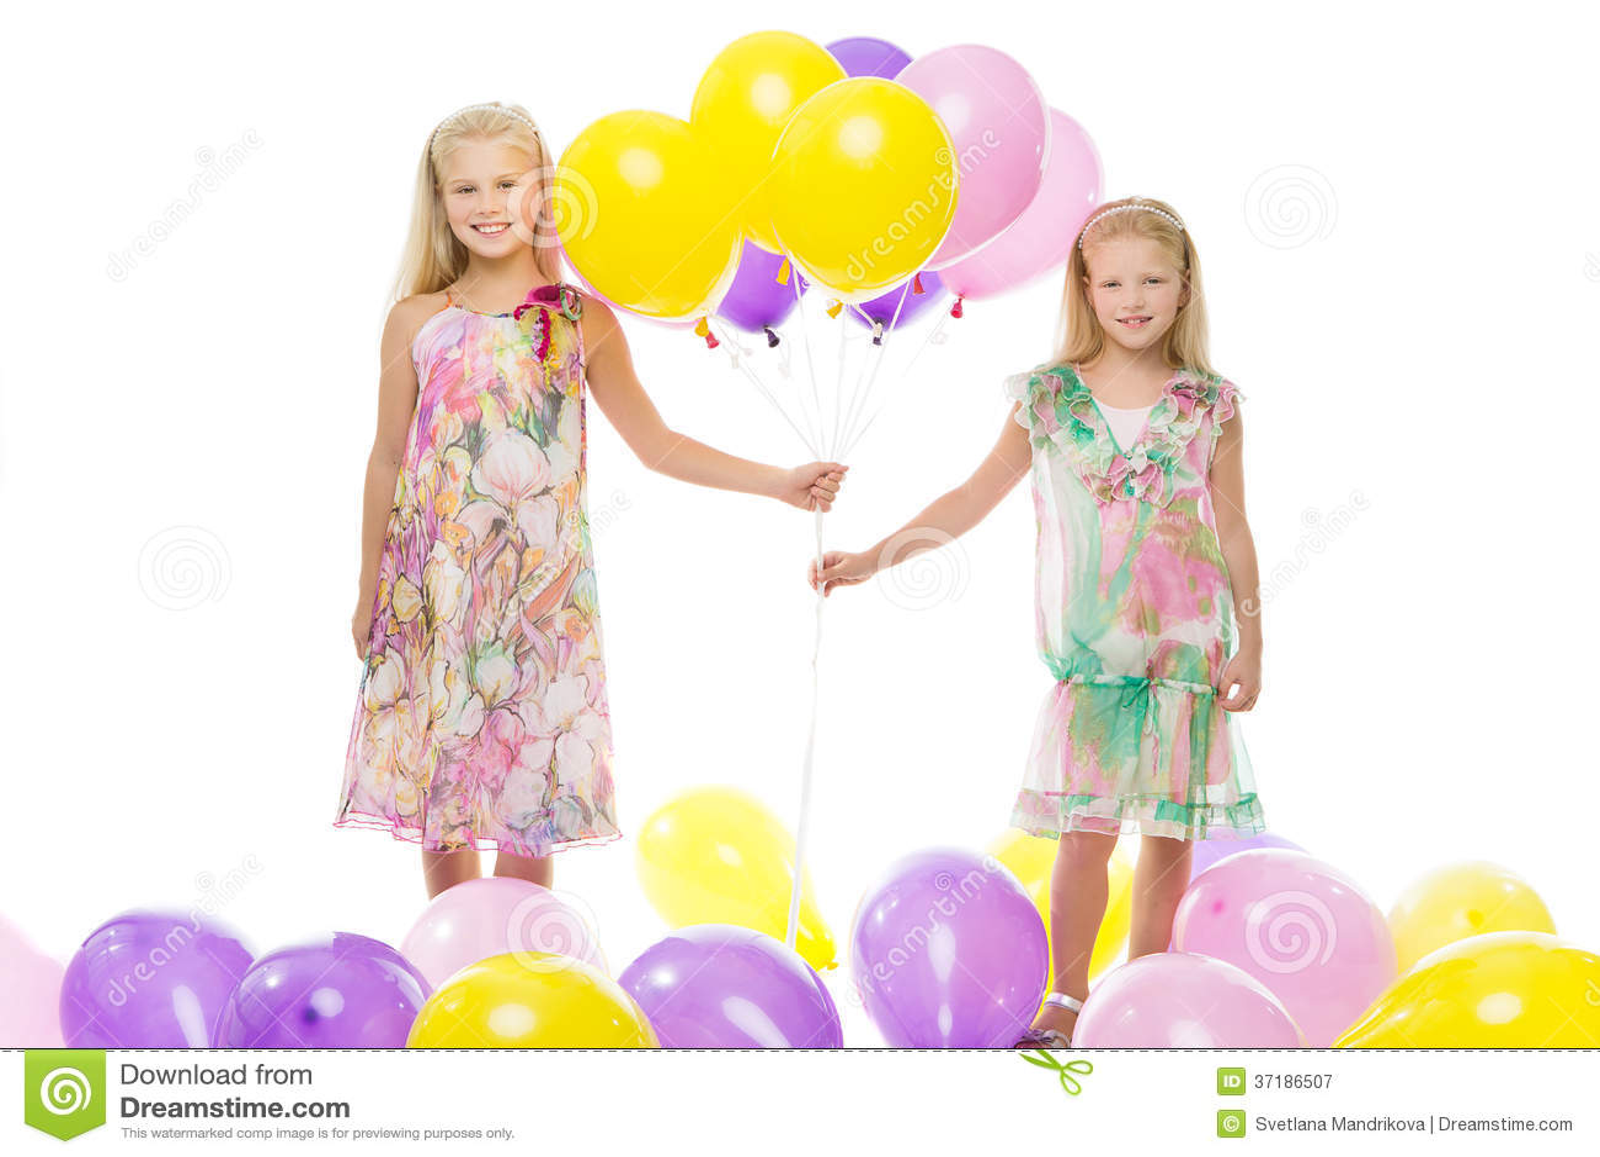 Girls holding balloons